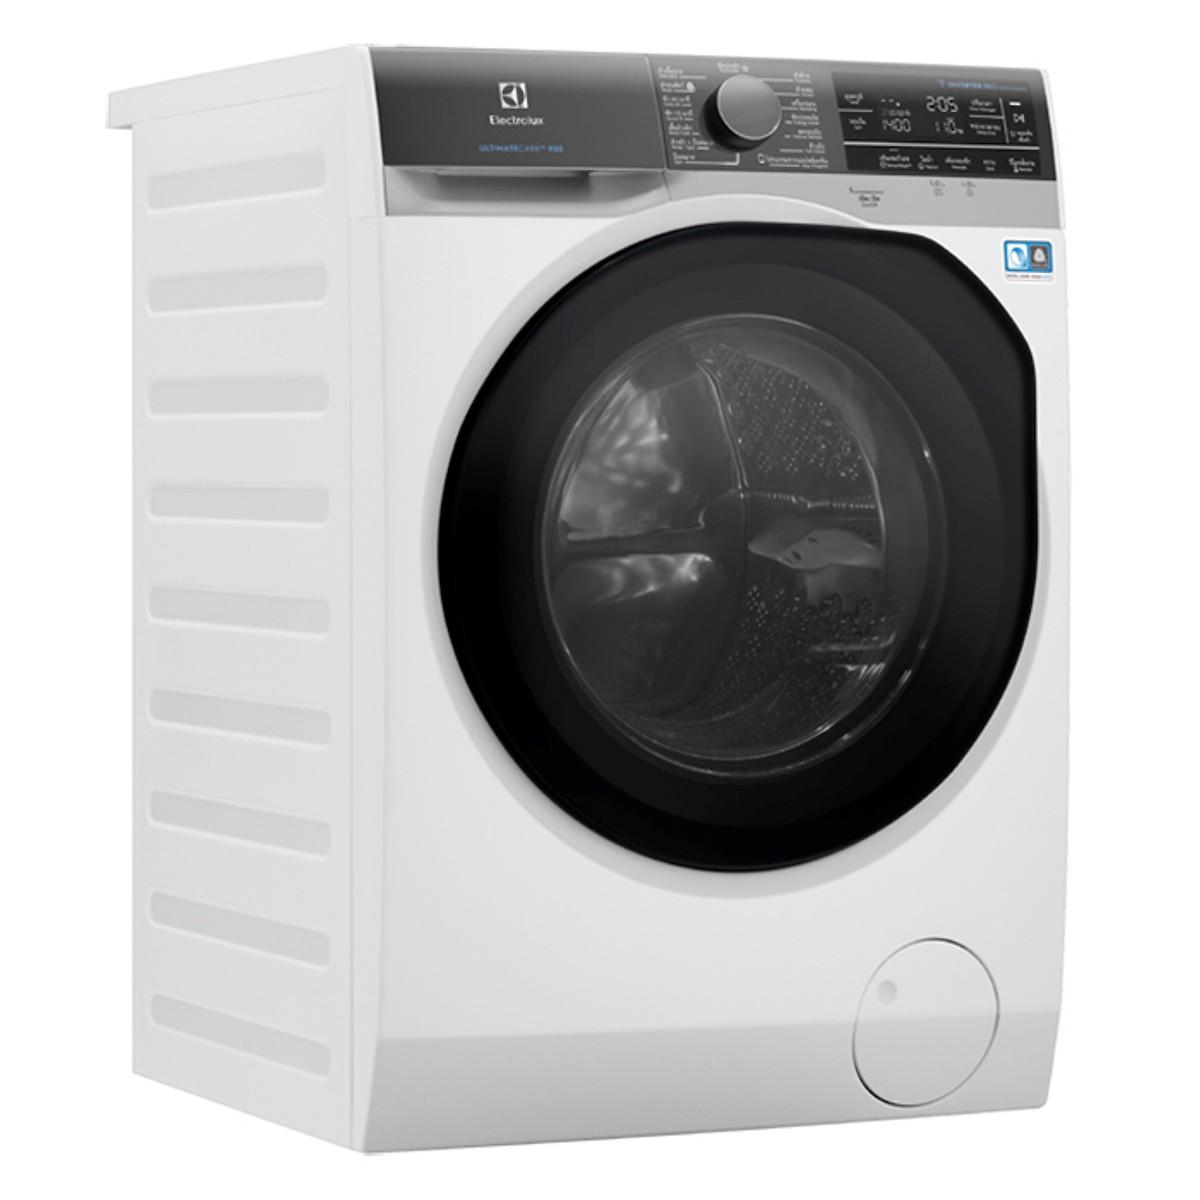 Máy giặt sấy Electrolux Inverter 11 kg EWW1141AEWA - Hàng Chính Hãng + Tặng Bình Đun Siêu Tốc